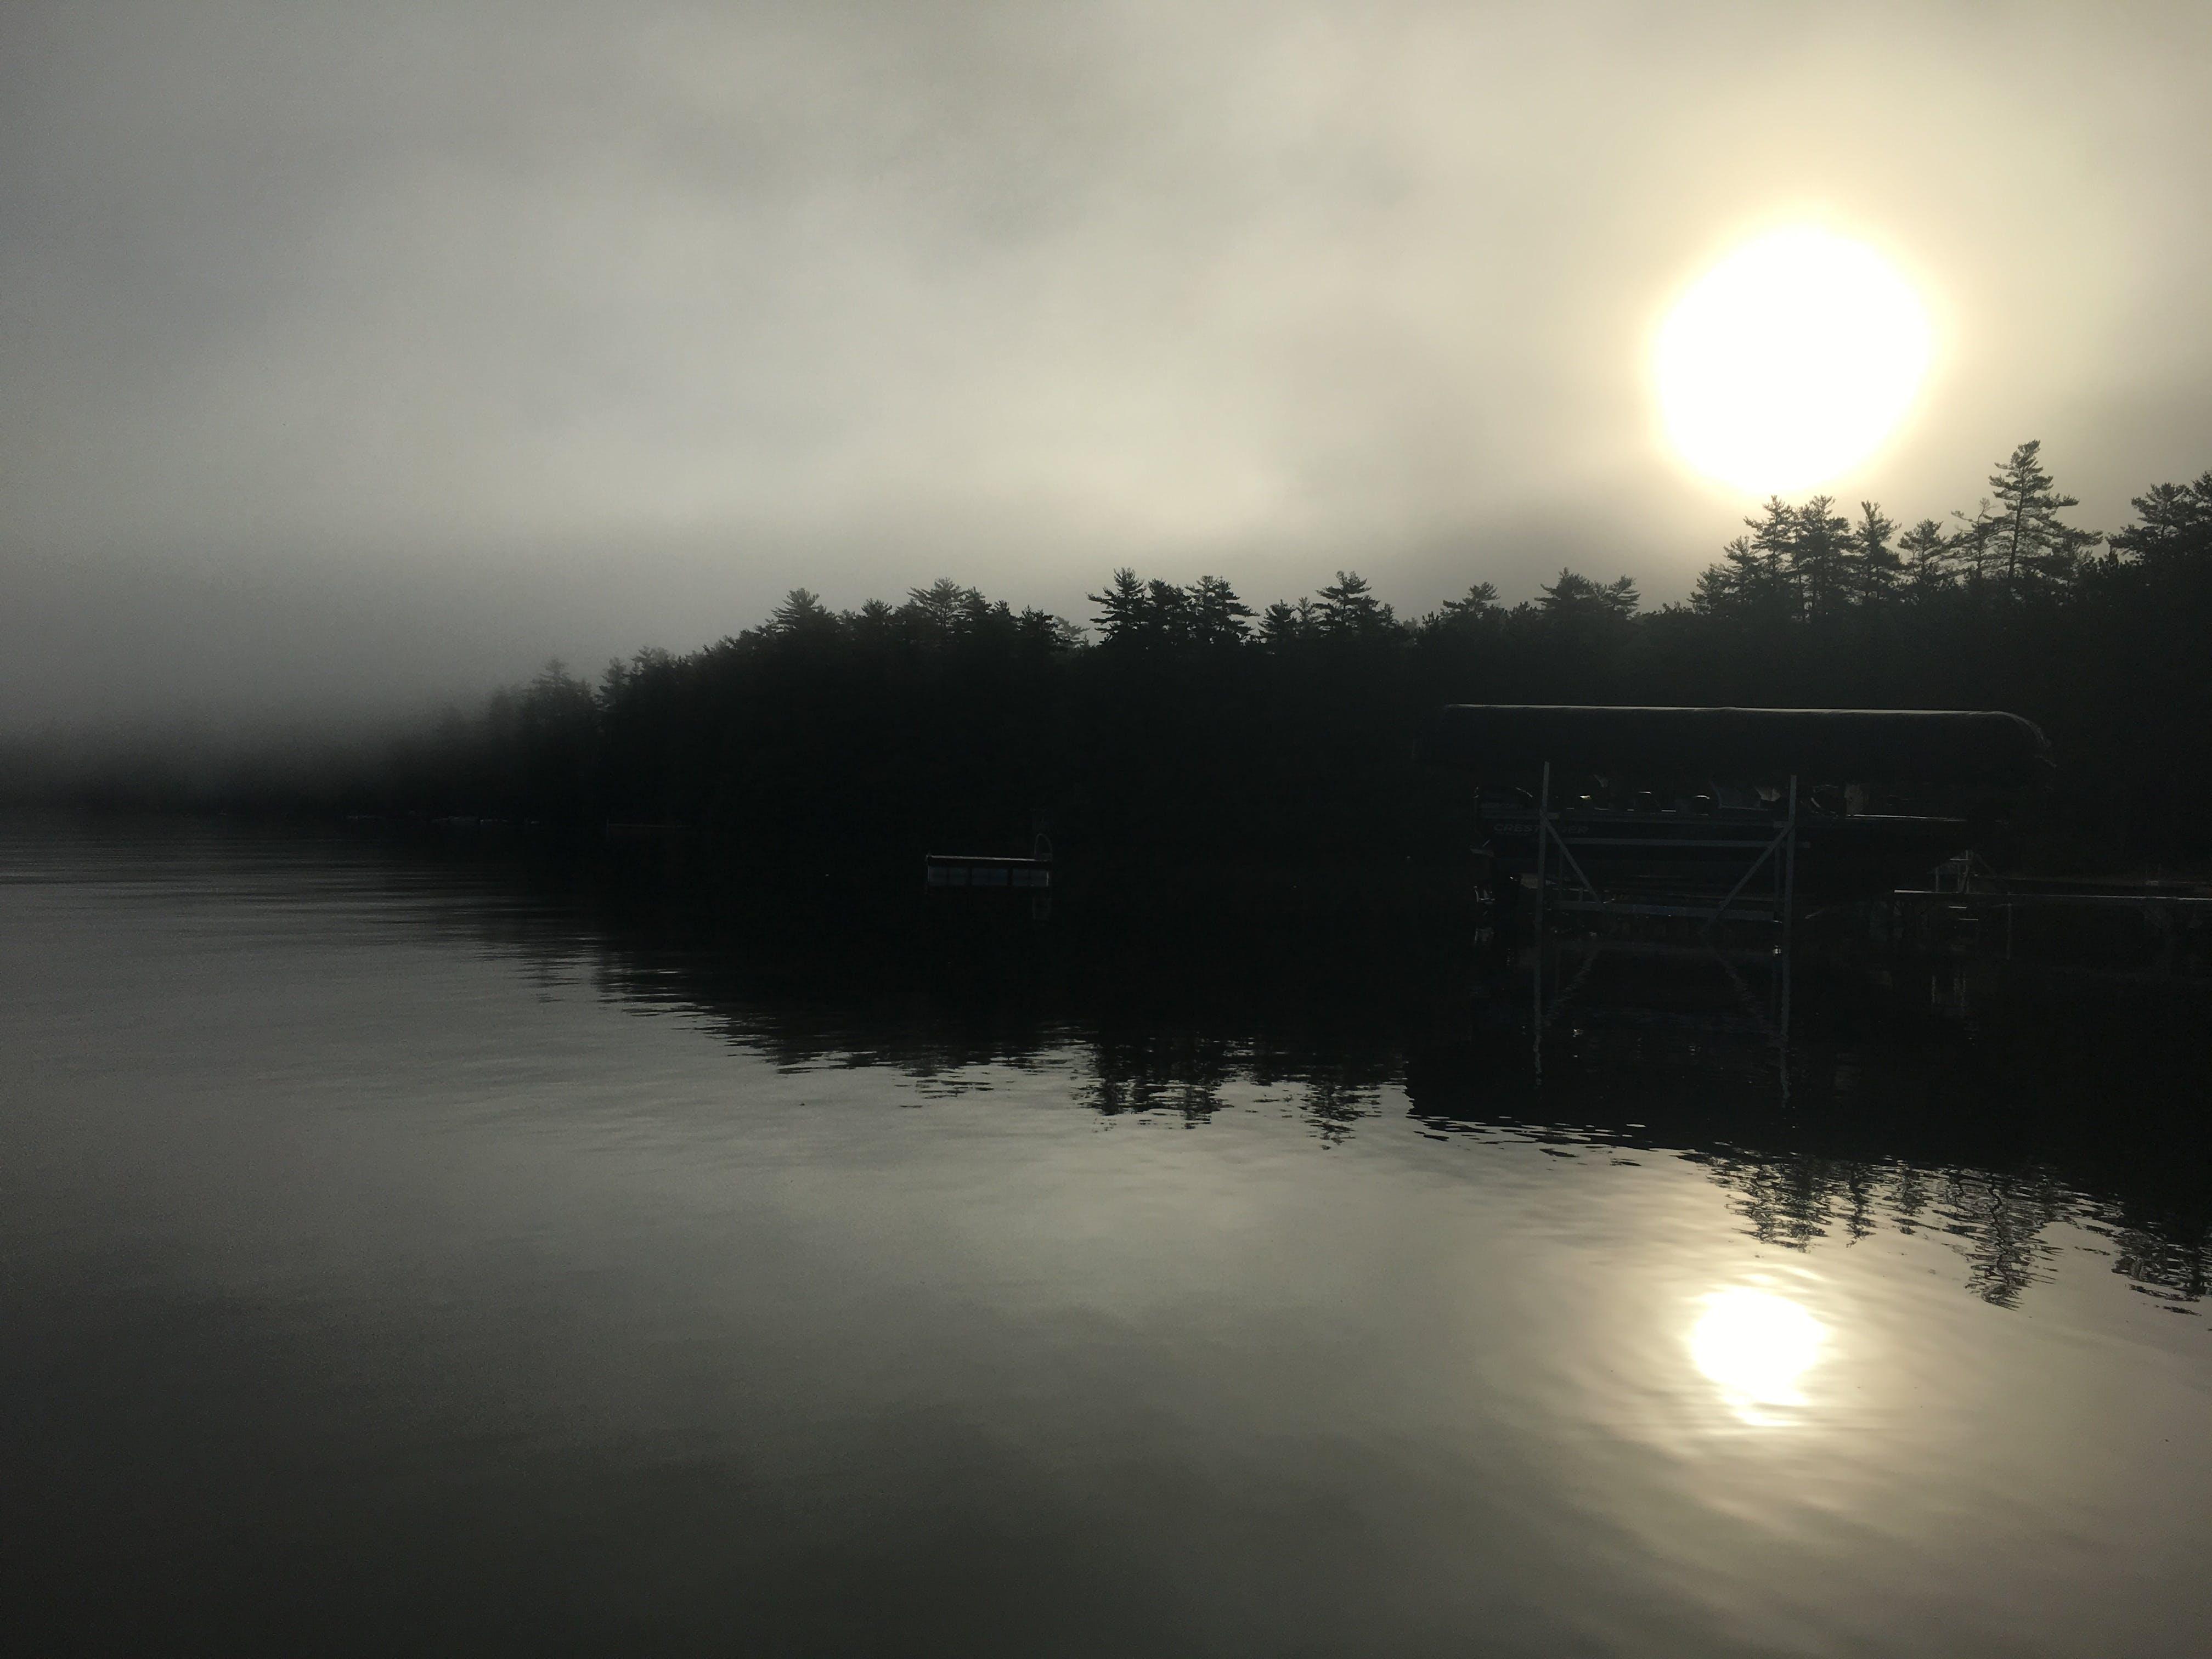 Free stock photo of Foggy Lake, foggy sunrise, maine, Maine lake